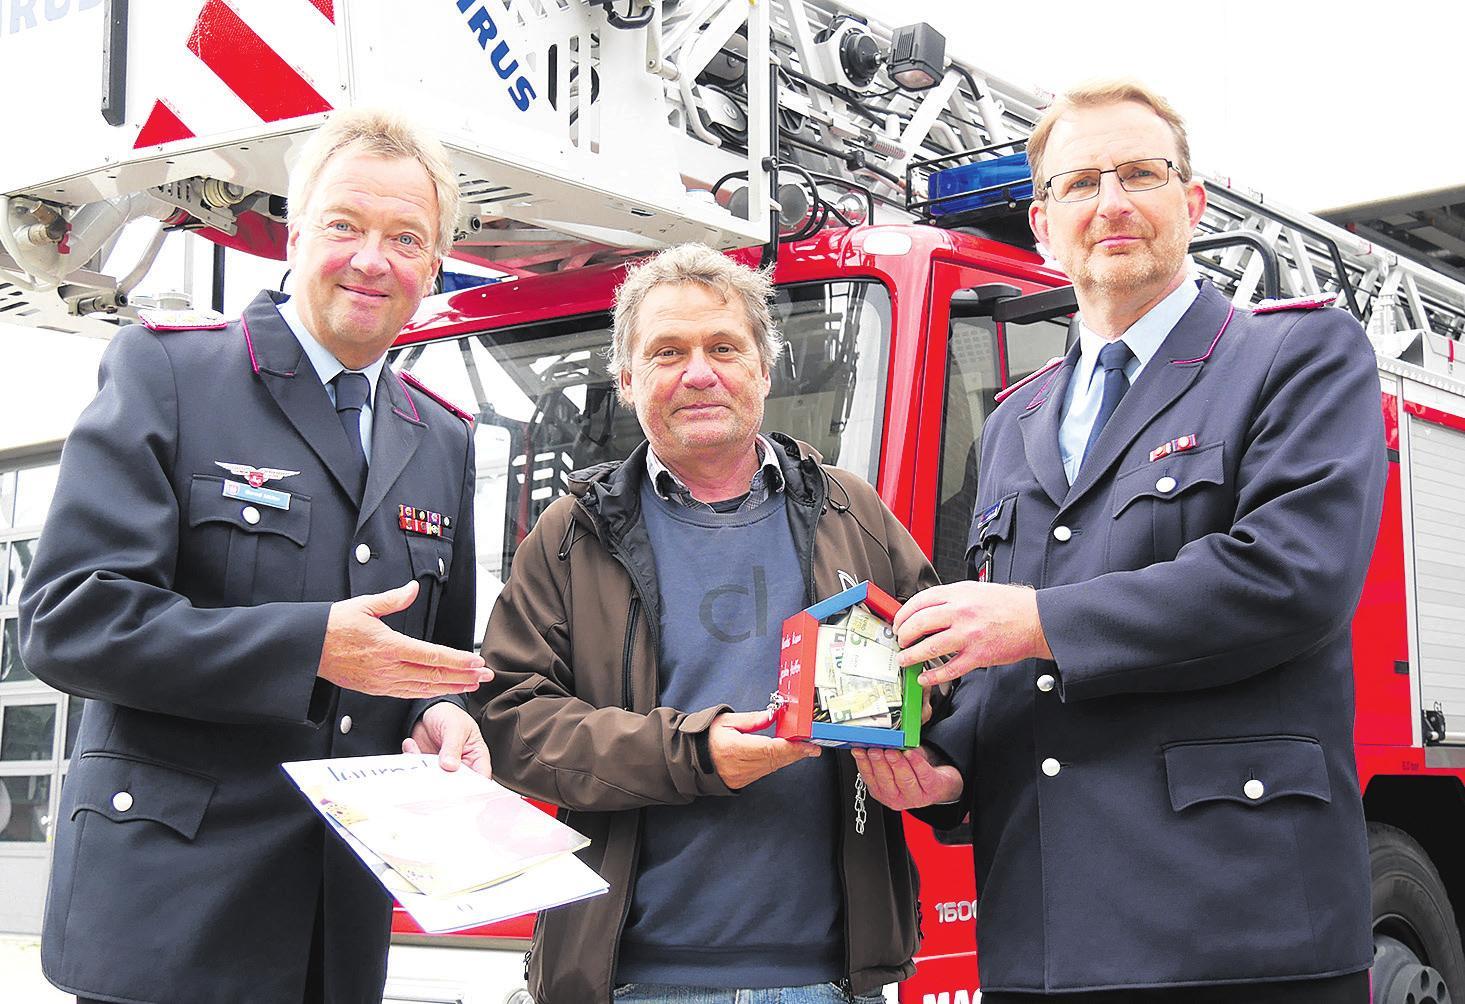 Übergabe der Spende. Foto: Feuerwehr Celle